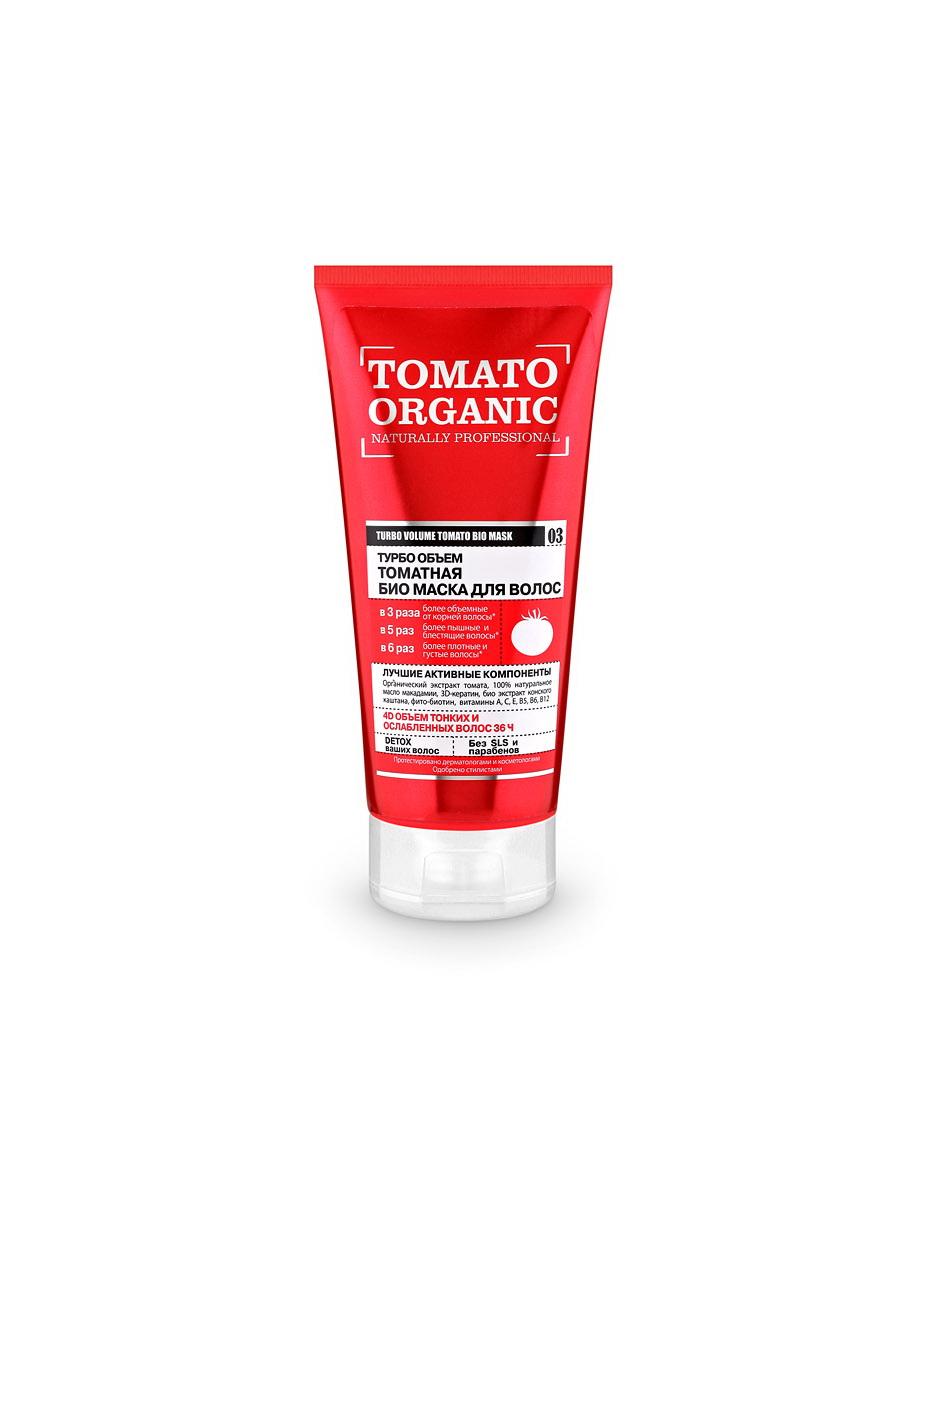 Оrganic Shop Naturally Professional Био-маска для волос Турбо объем, томатная, 200 мл81601074Органический экстракт томата придает волосам роскошный объем и укрепляет их структуру. 100% натуральное масло макадамии обеспечивает полноценное питание волос, не утяжеляя их, придает блеск. Био-экстракт конского каштана придает волосам дополнительную пышность. 3D-кератин заполняет поврежденные участки волос, придавая им гладкость и шелковистость. Фито-биотин укрепляет корни волос, делая их густыми, объемными и крепкими.Товар сертифицирован.